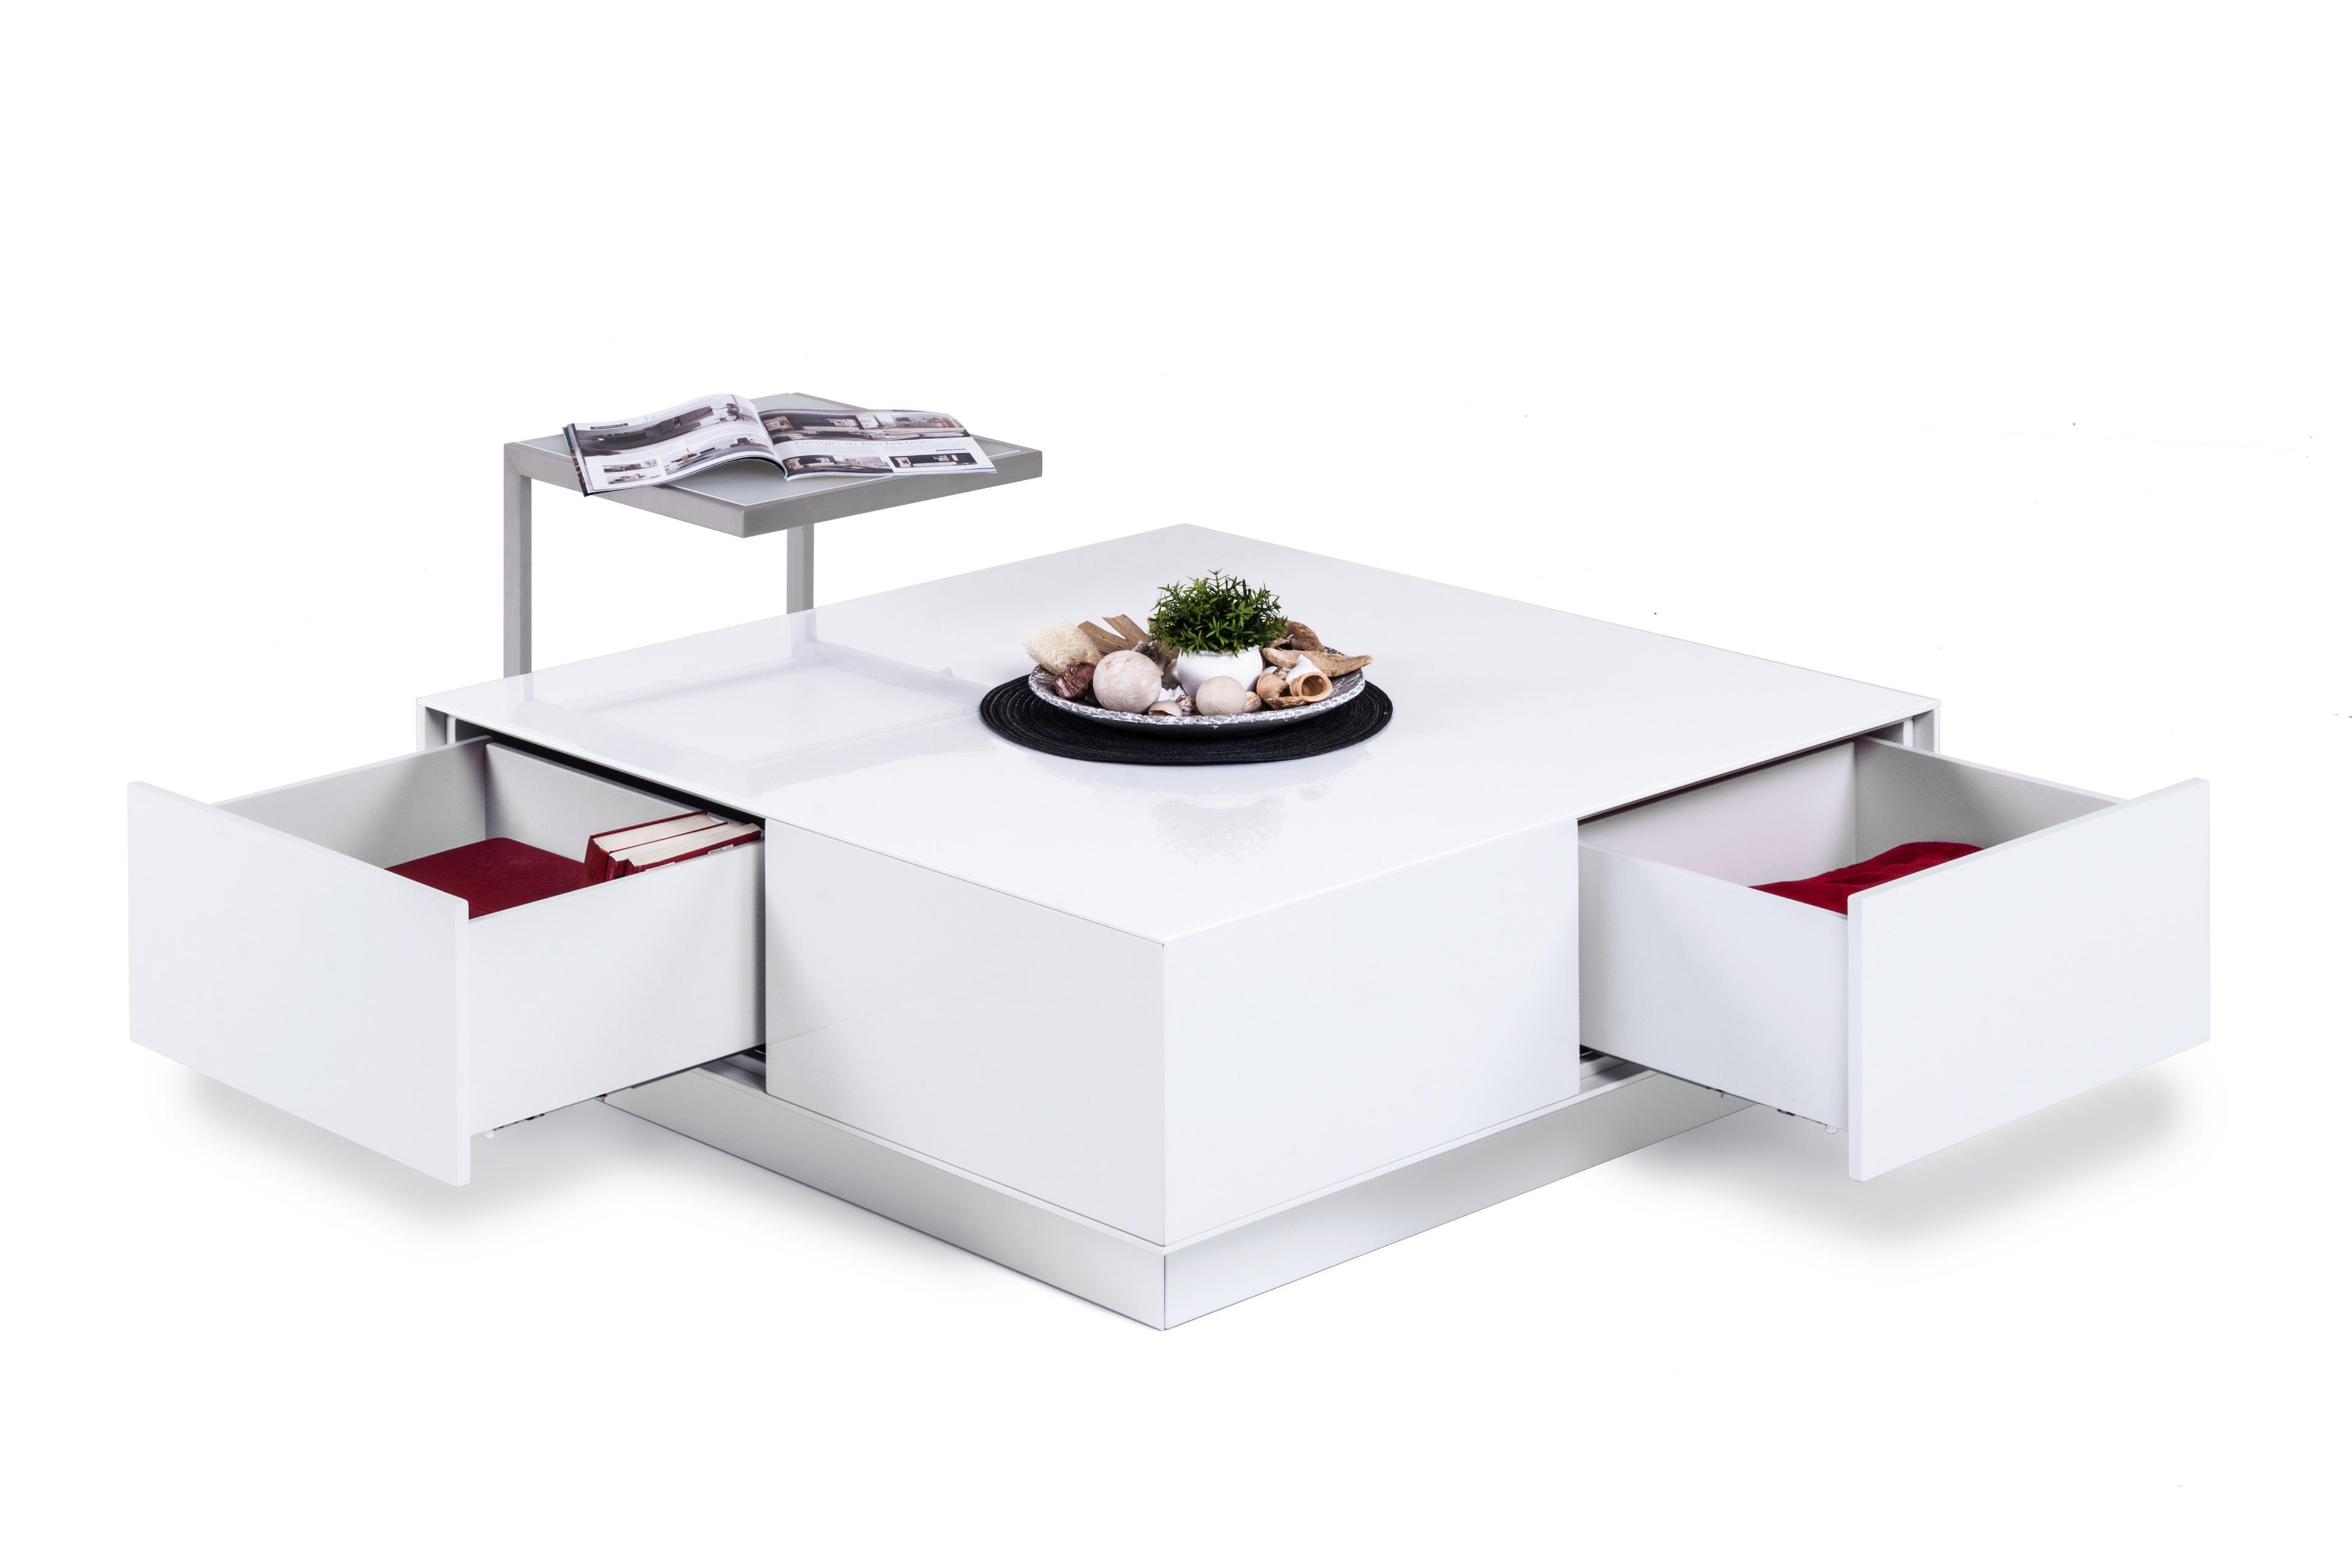 Wöstmann Couchtisch NW 660 weiß  Möbel Letz  Ihr OnlineShop